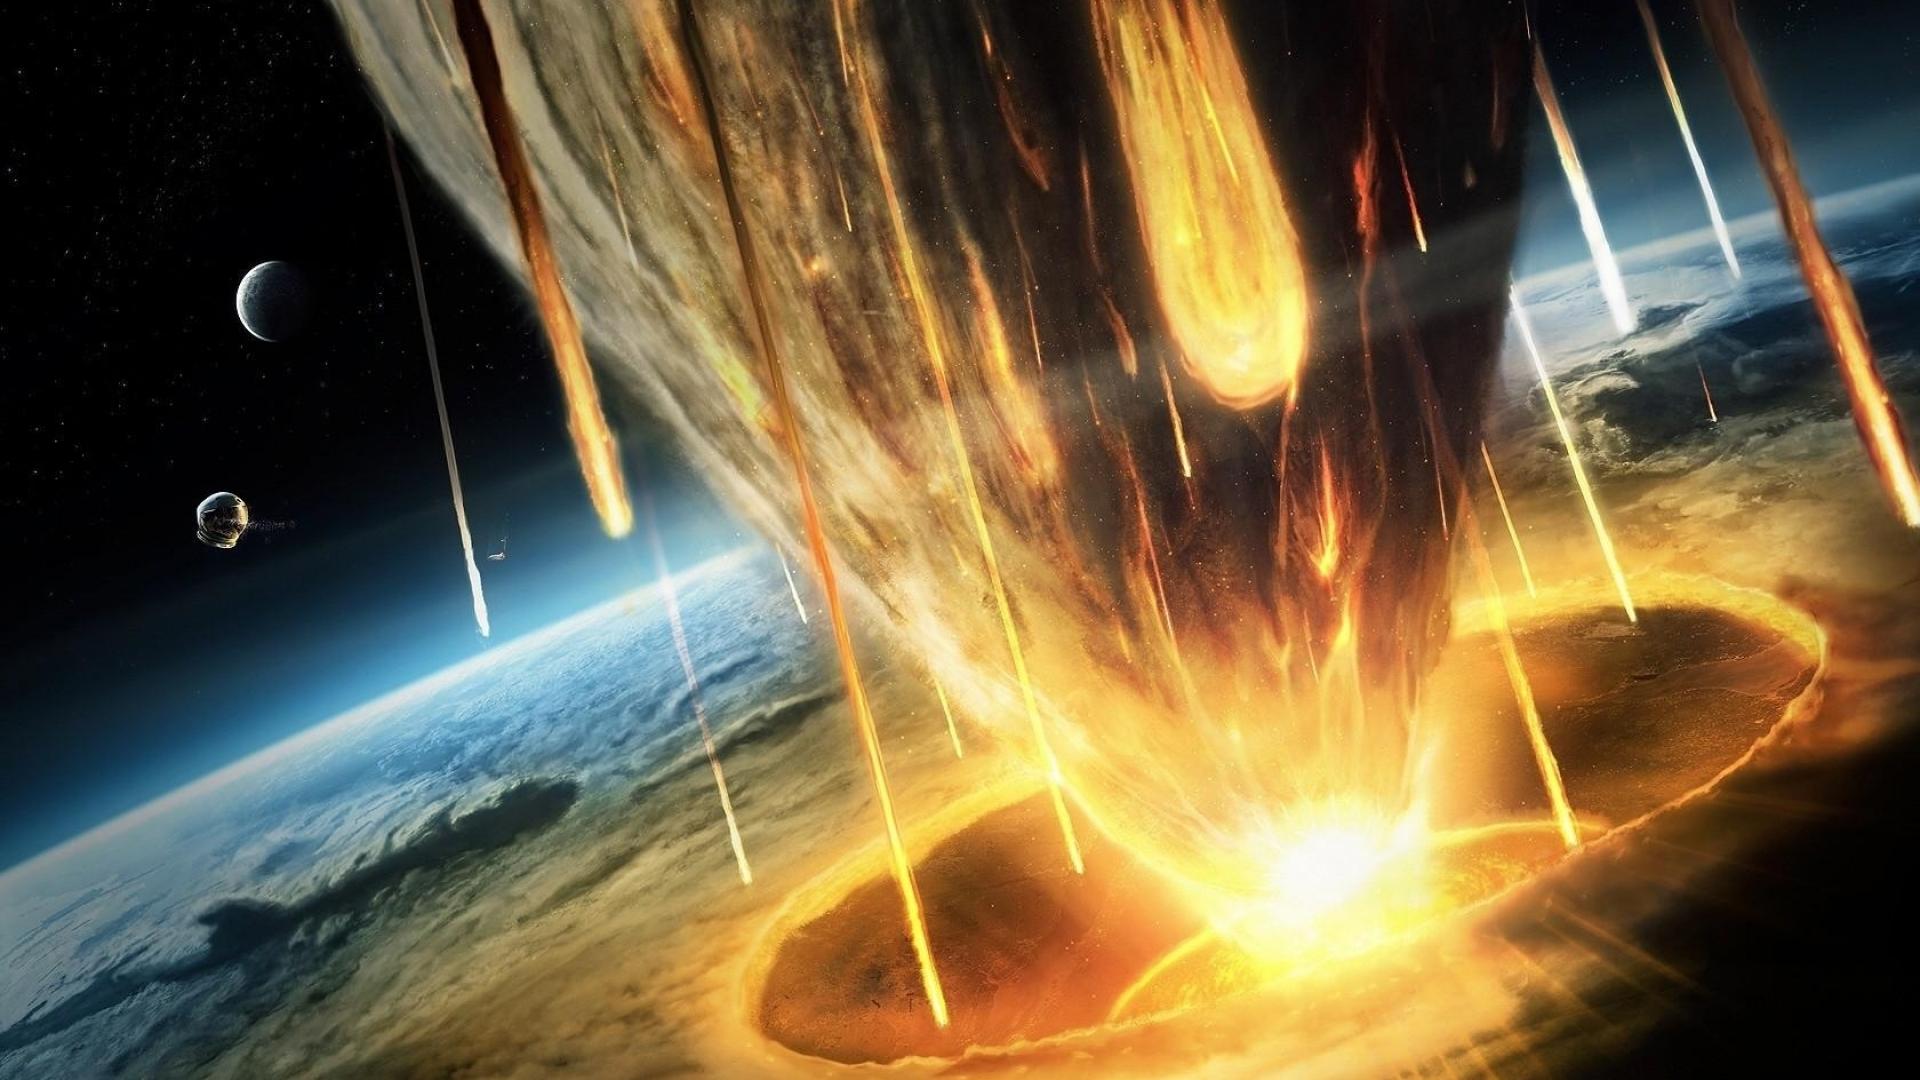 метеор врезается в землю, скачать фото, обои для рабочего стола, космос